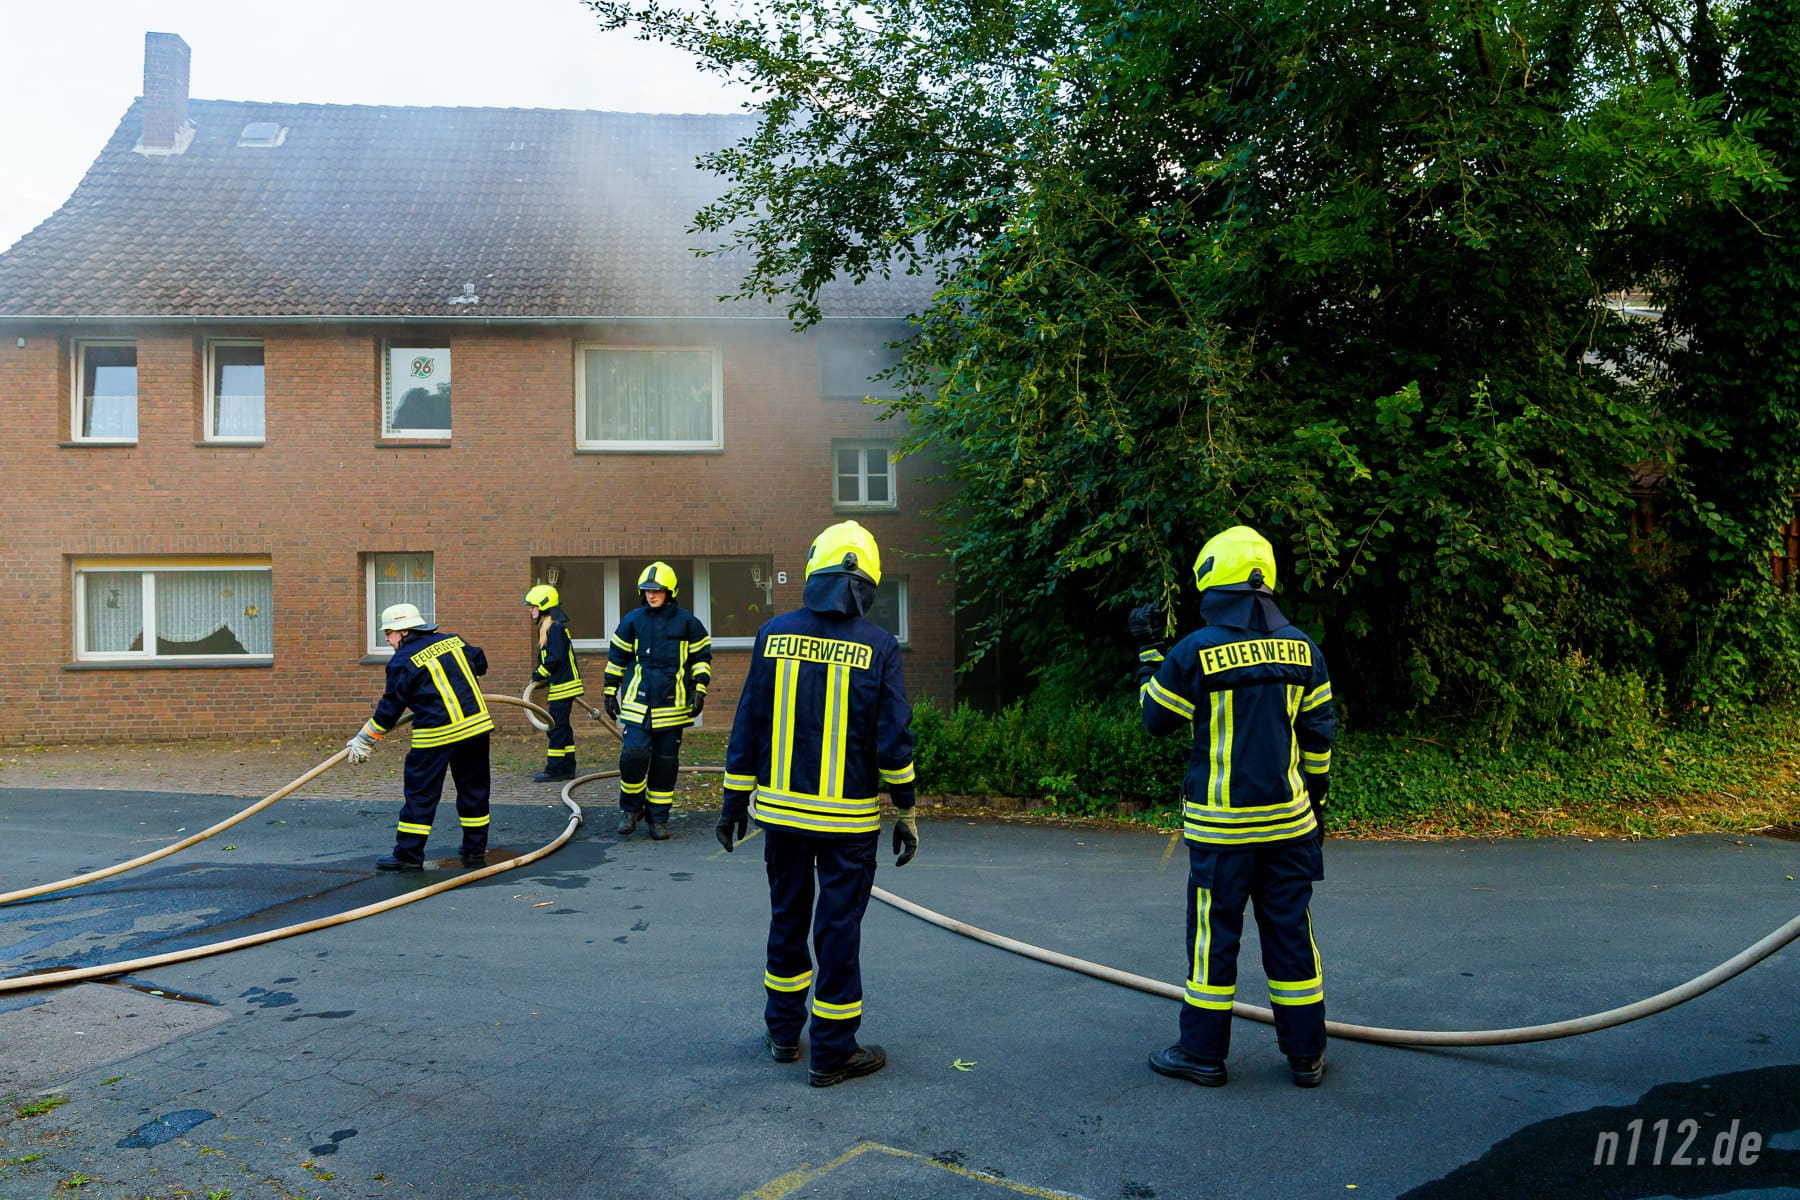 Das an die Scheune angrenze Wohnhaus wurde verraucht, konnte aber vor den Flammen gerettet werden (Foto: n112.de/Stefan Simonsen)